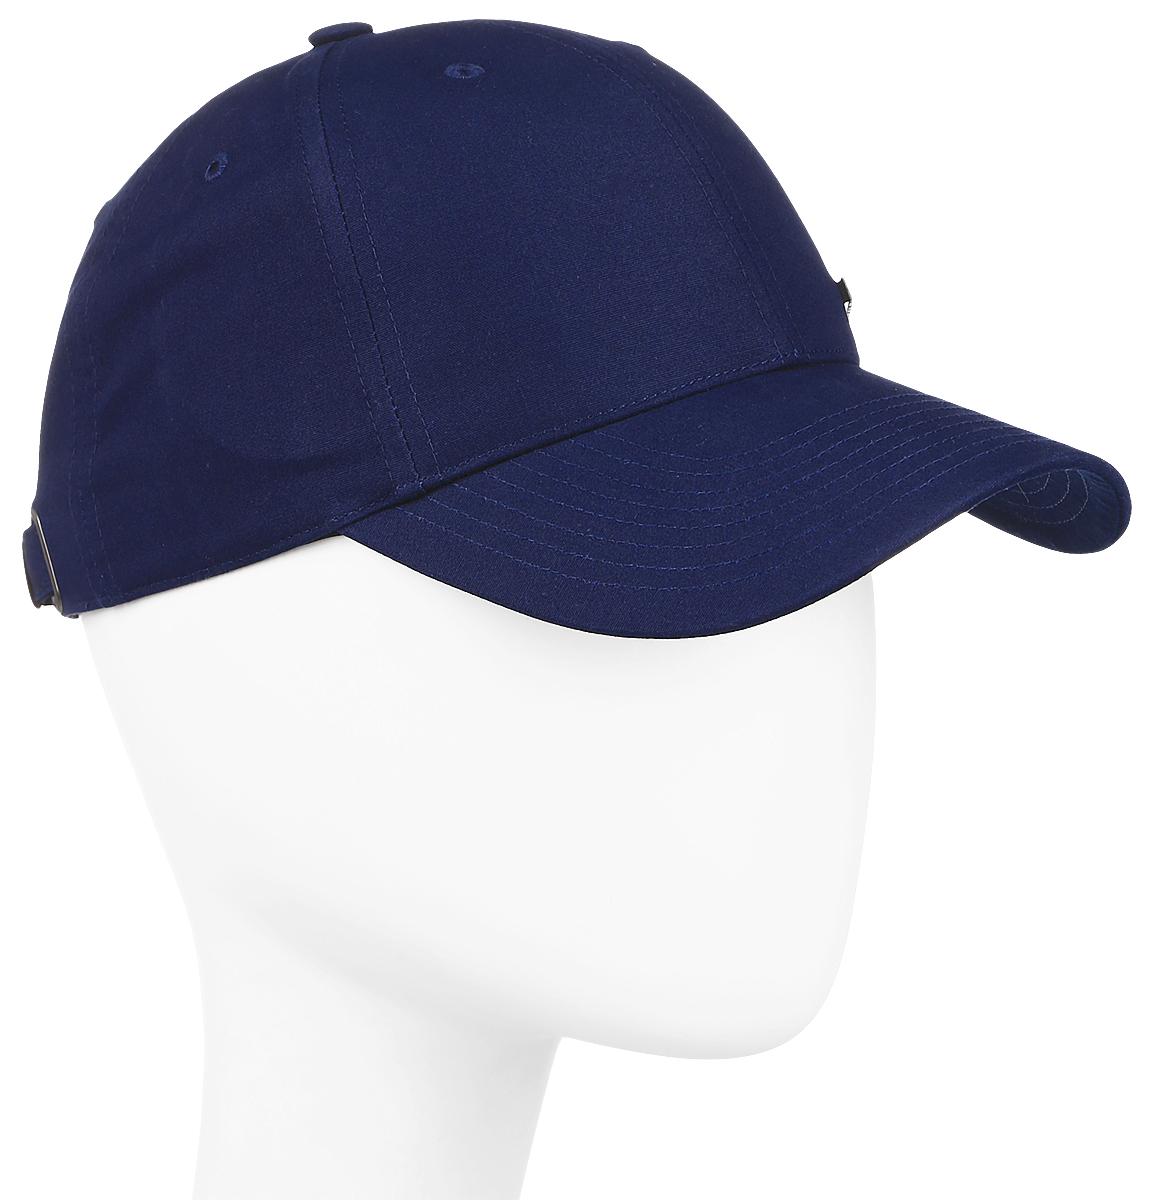 БейсболкаBK6064Мужская кепка убор от всемирно известного бренда Отверстия для дополнительной вентиляции